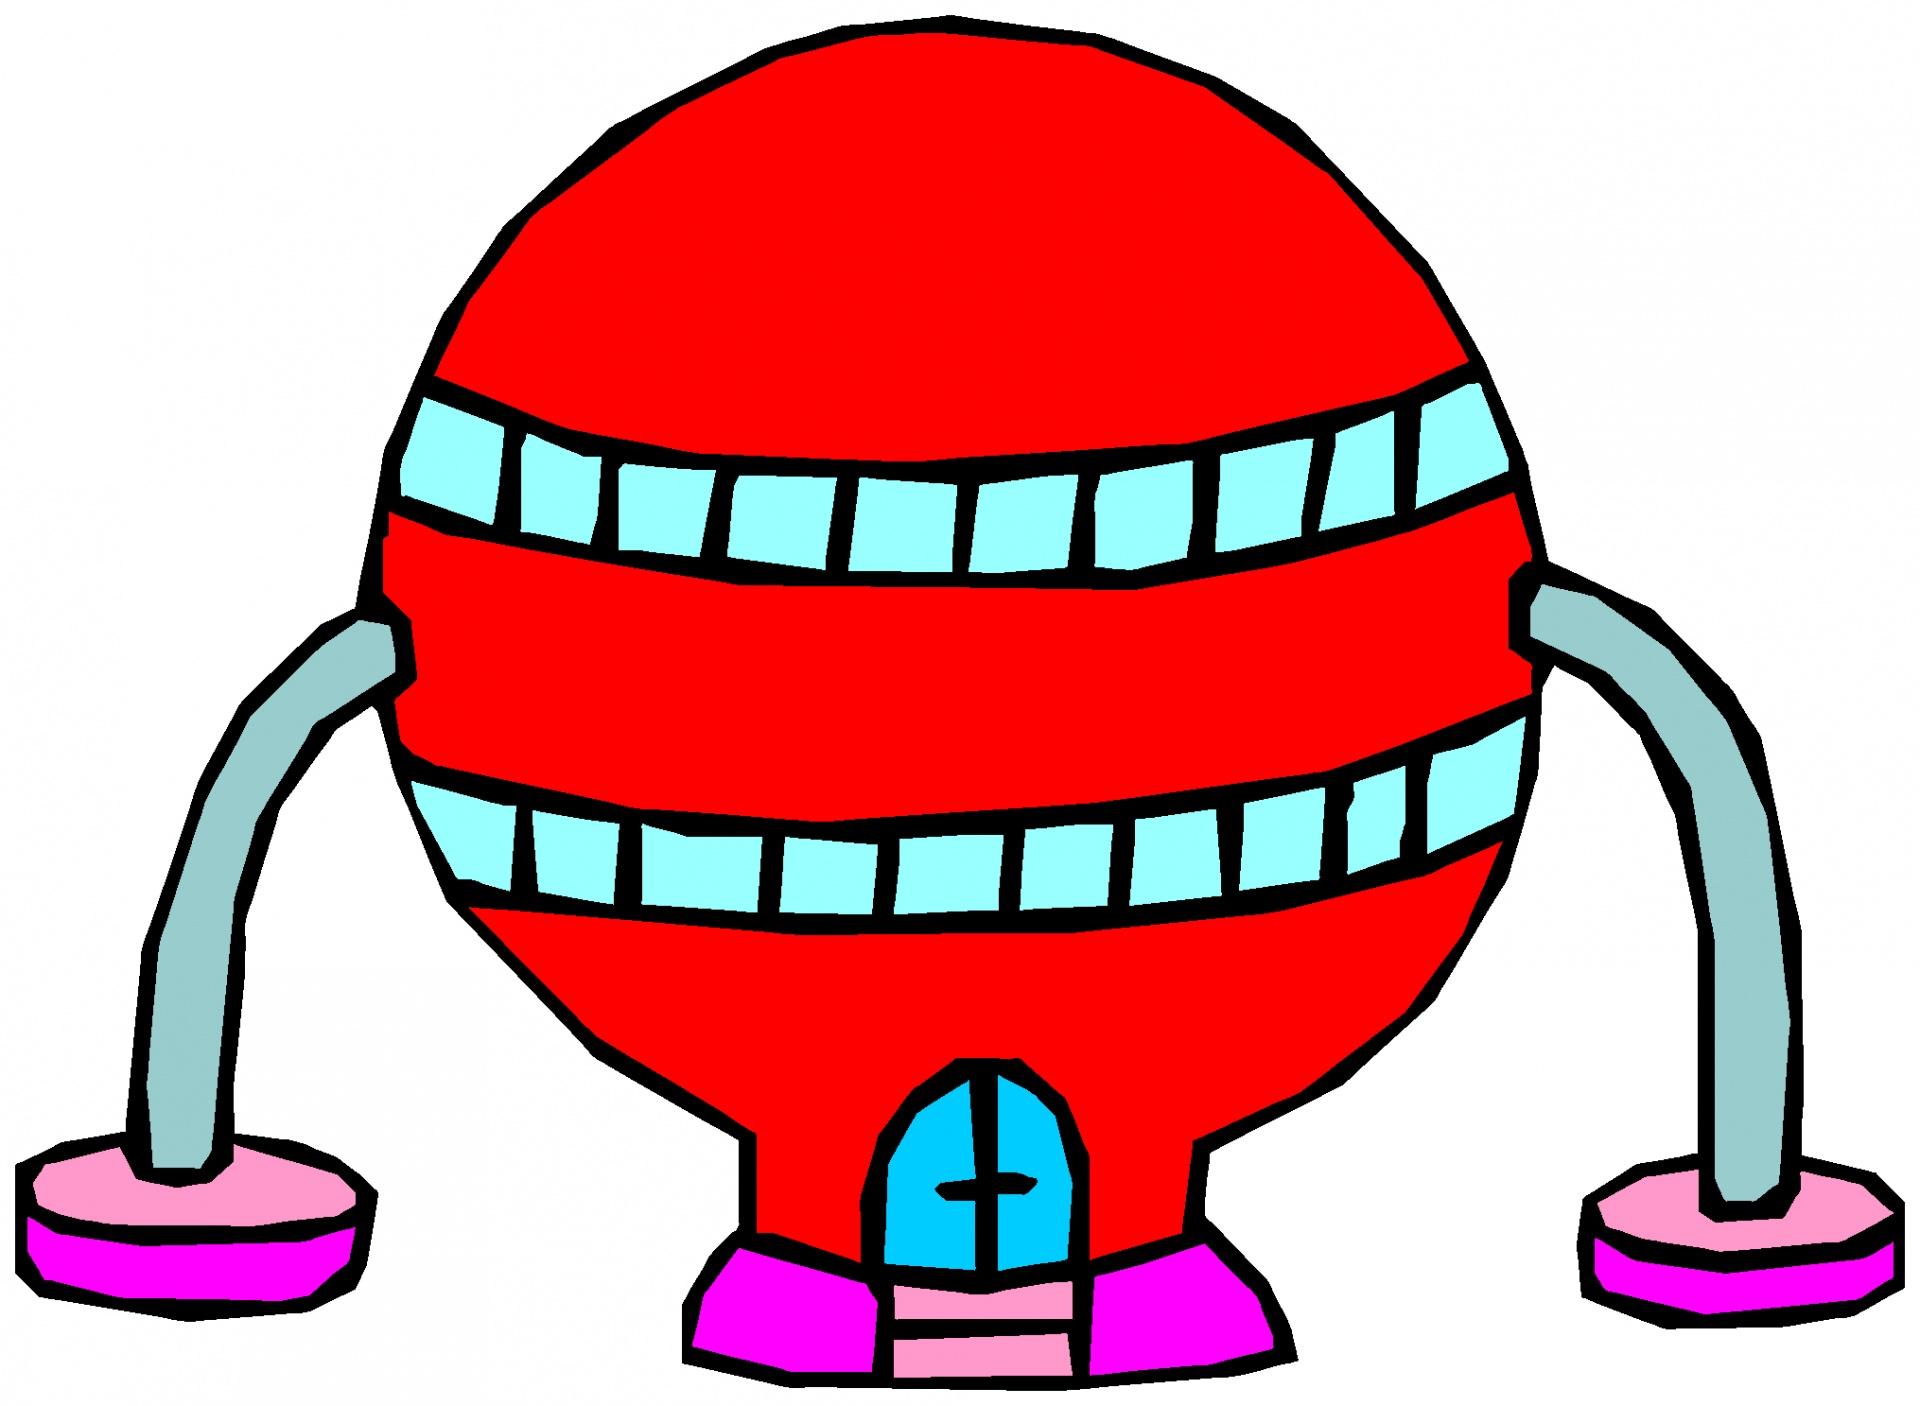 Building clipart alien, Building alien Transparent FREE for.